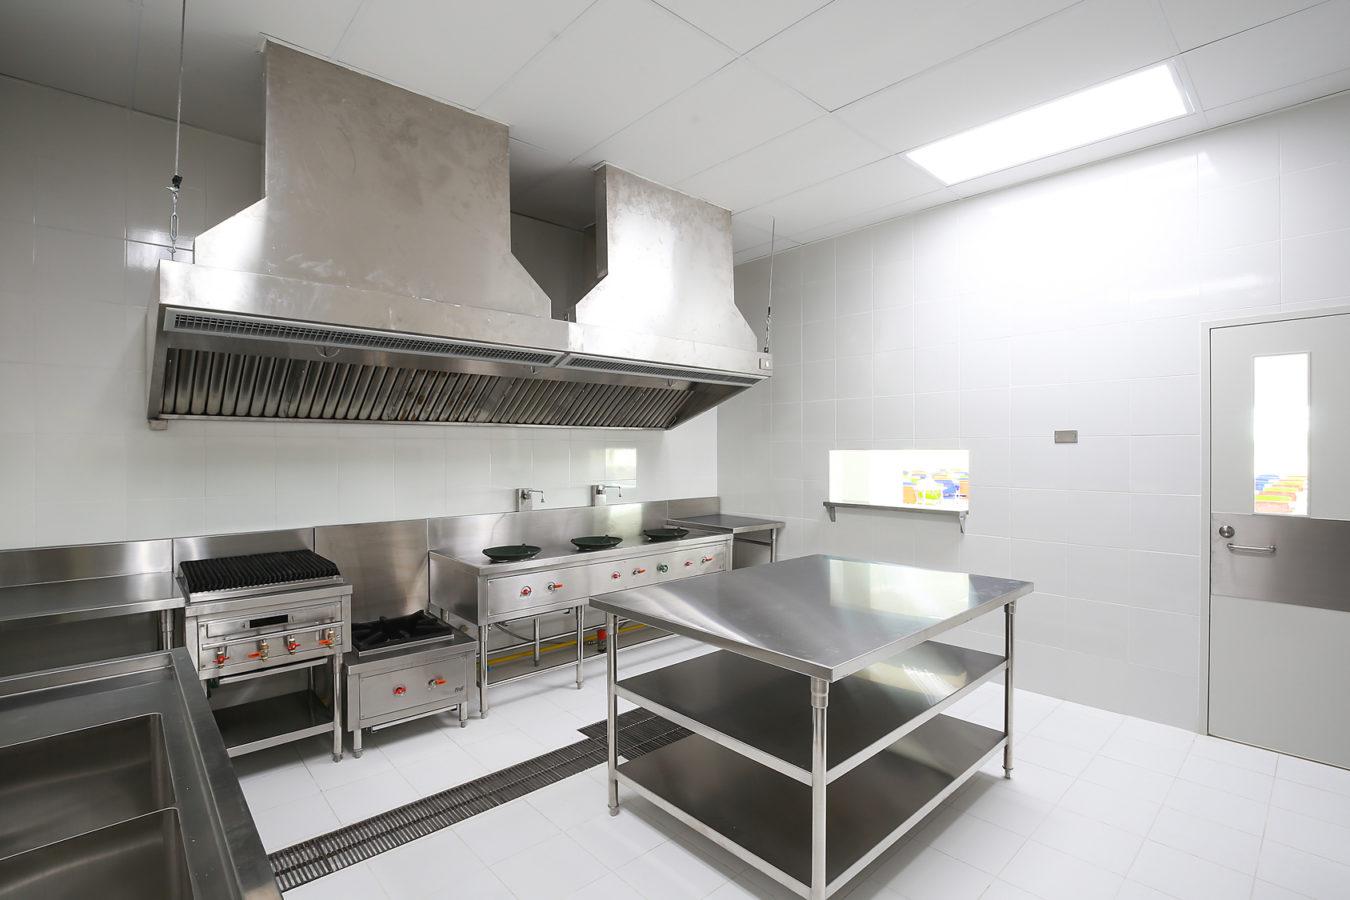 Full Size of Küchenabluft Lftungsanlagen Wohnzimmer Küchenabluft